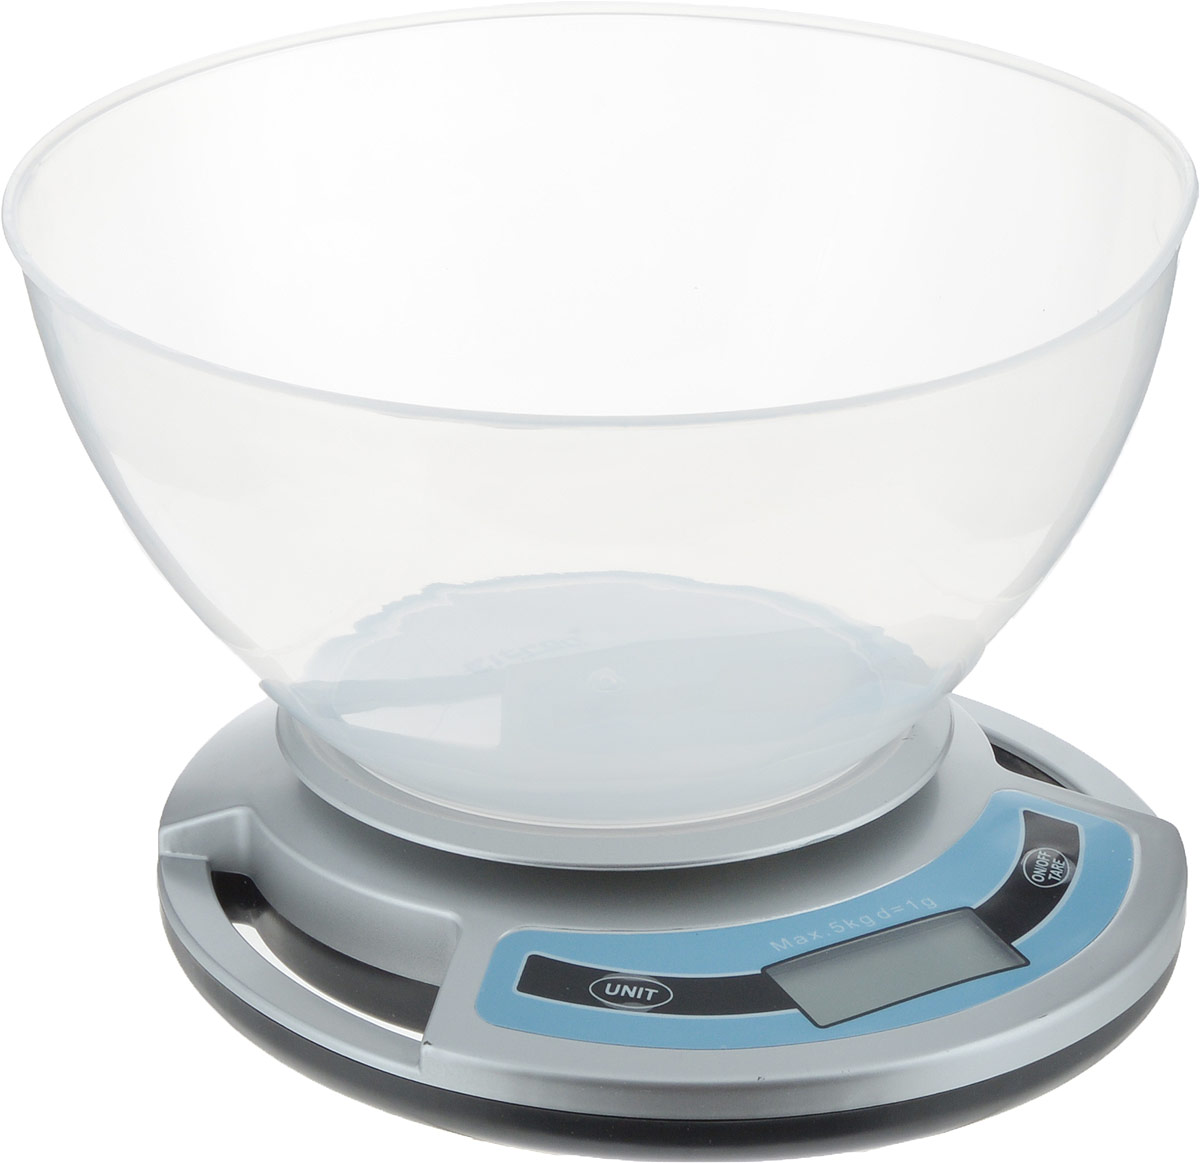 Весы кухонные Eltron, электронные, с чашей, цвет: серый, прозрачный, до 5 кг. 9260EL весы eltron весы электронные